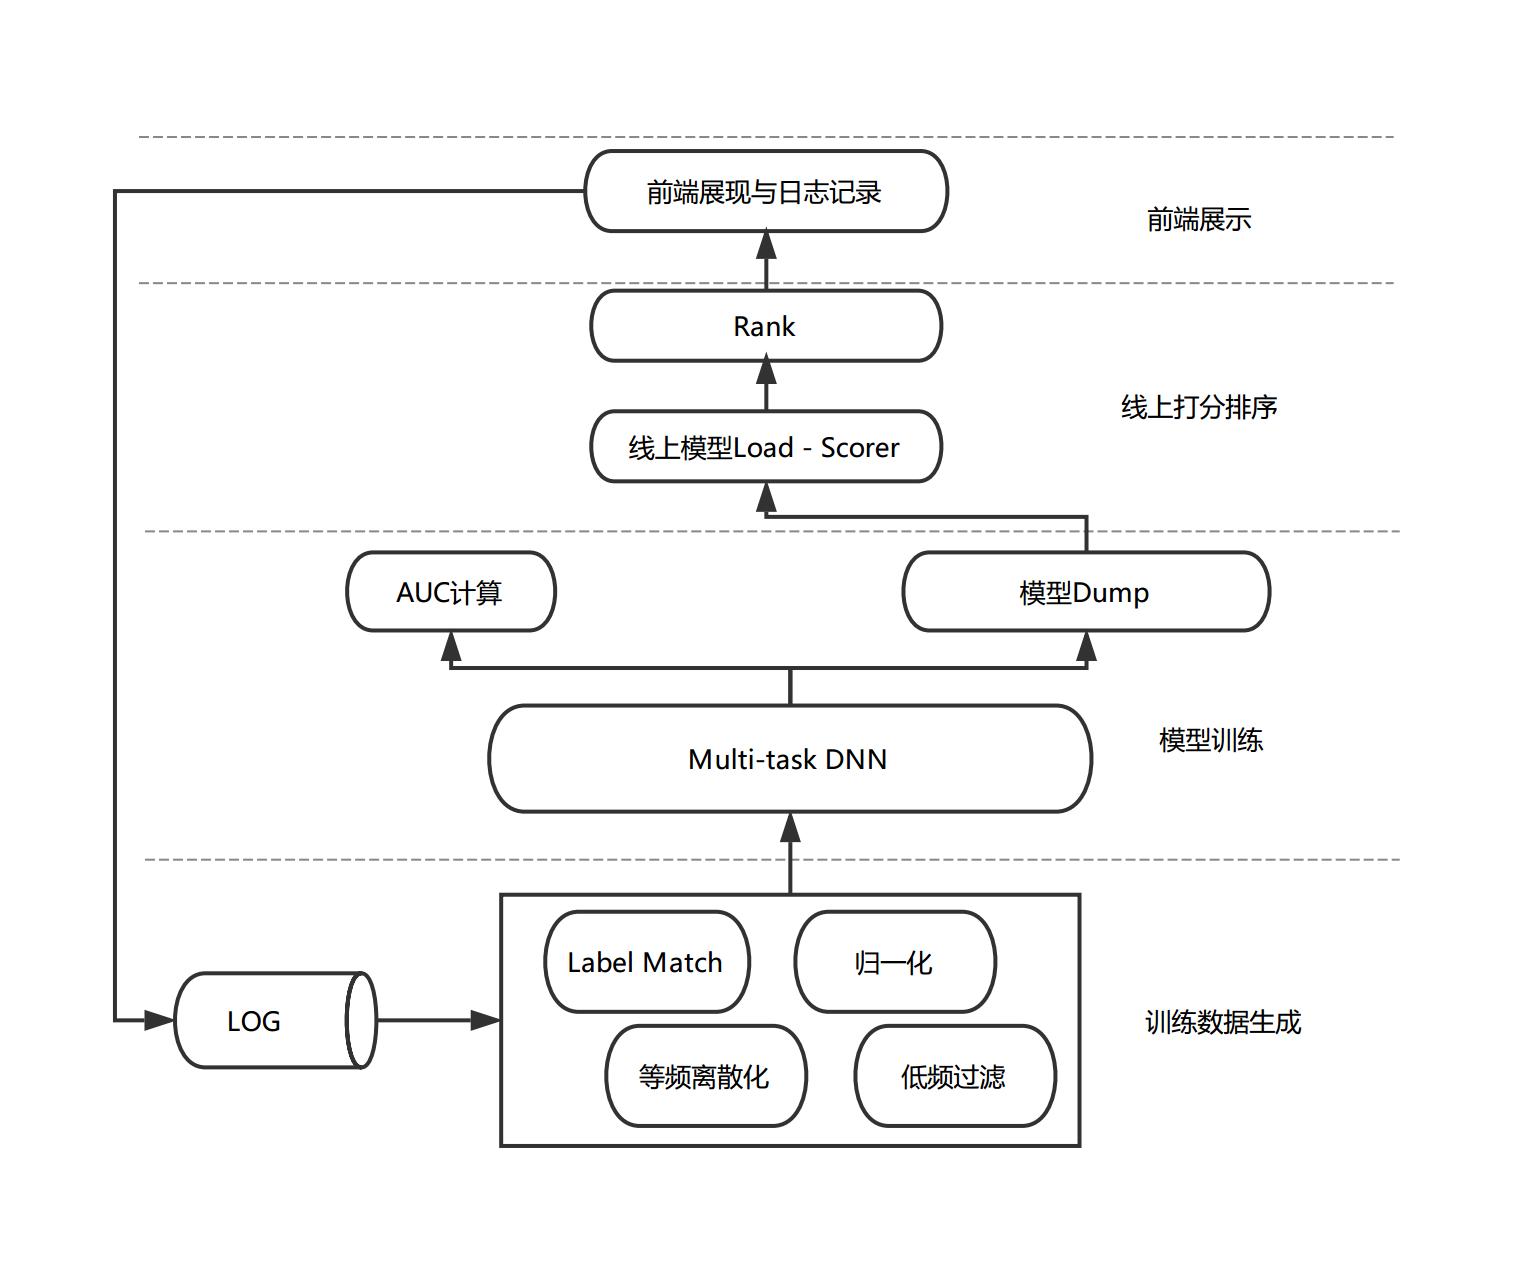 图2 模型排序流程图